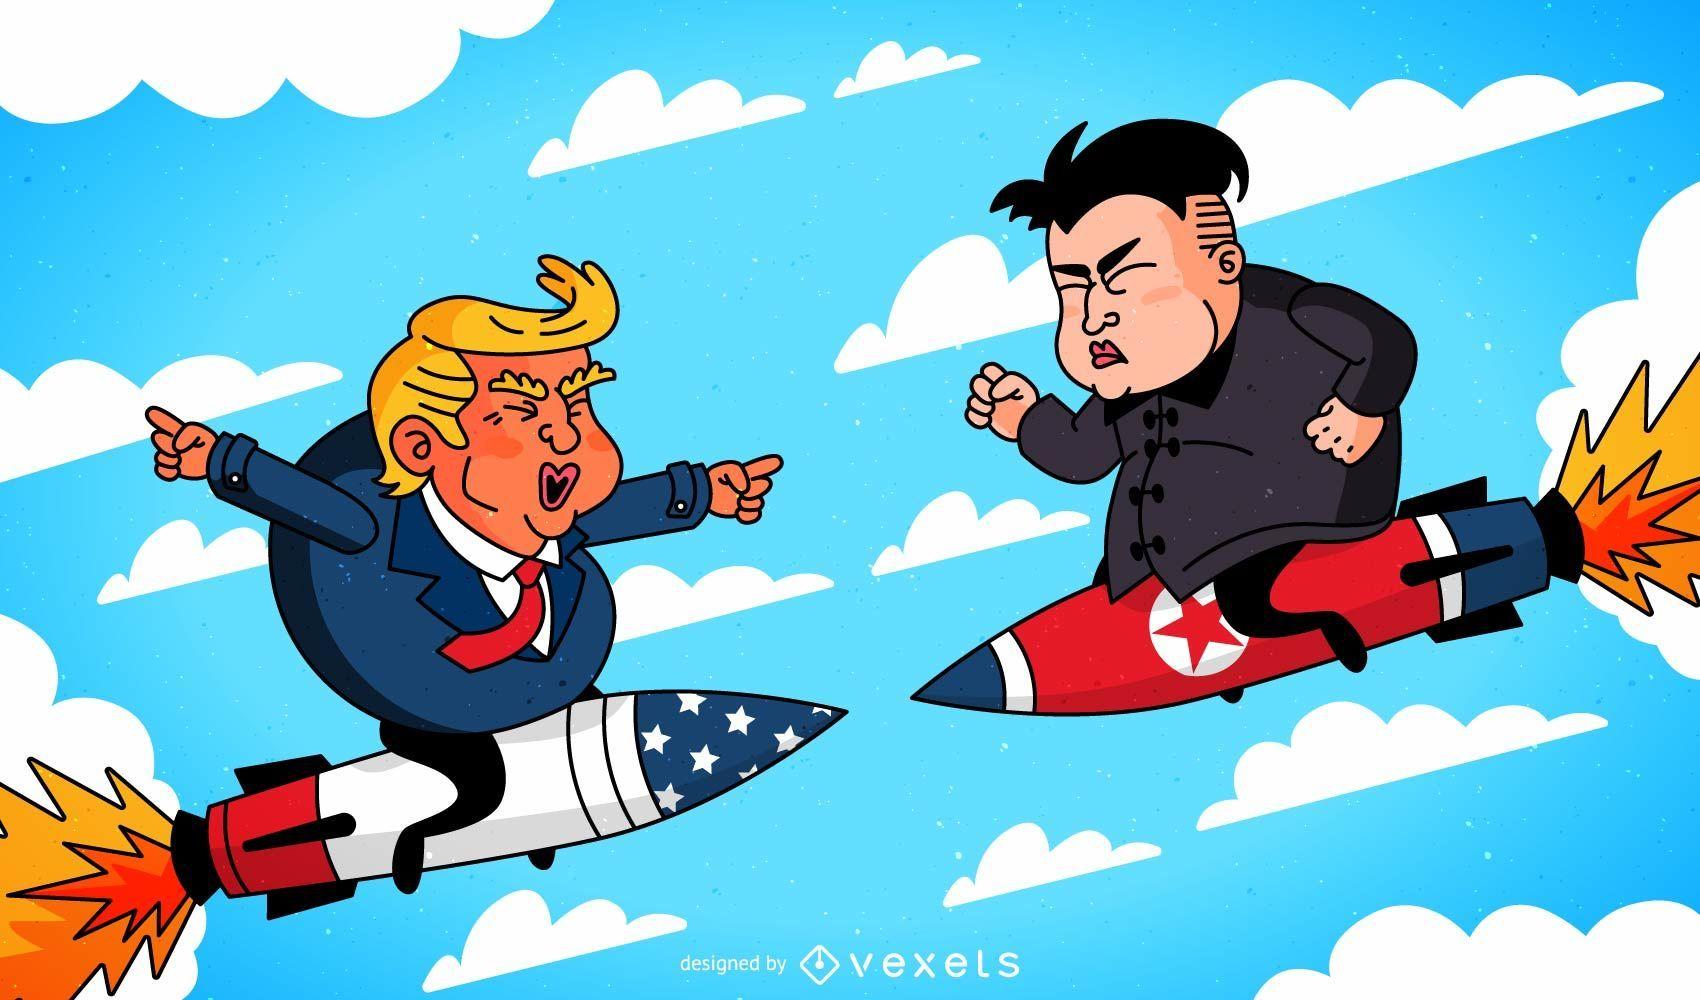 Donald Trump y Kim Jong-un caricatura sobre misiles uno contra el otro